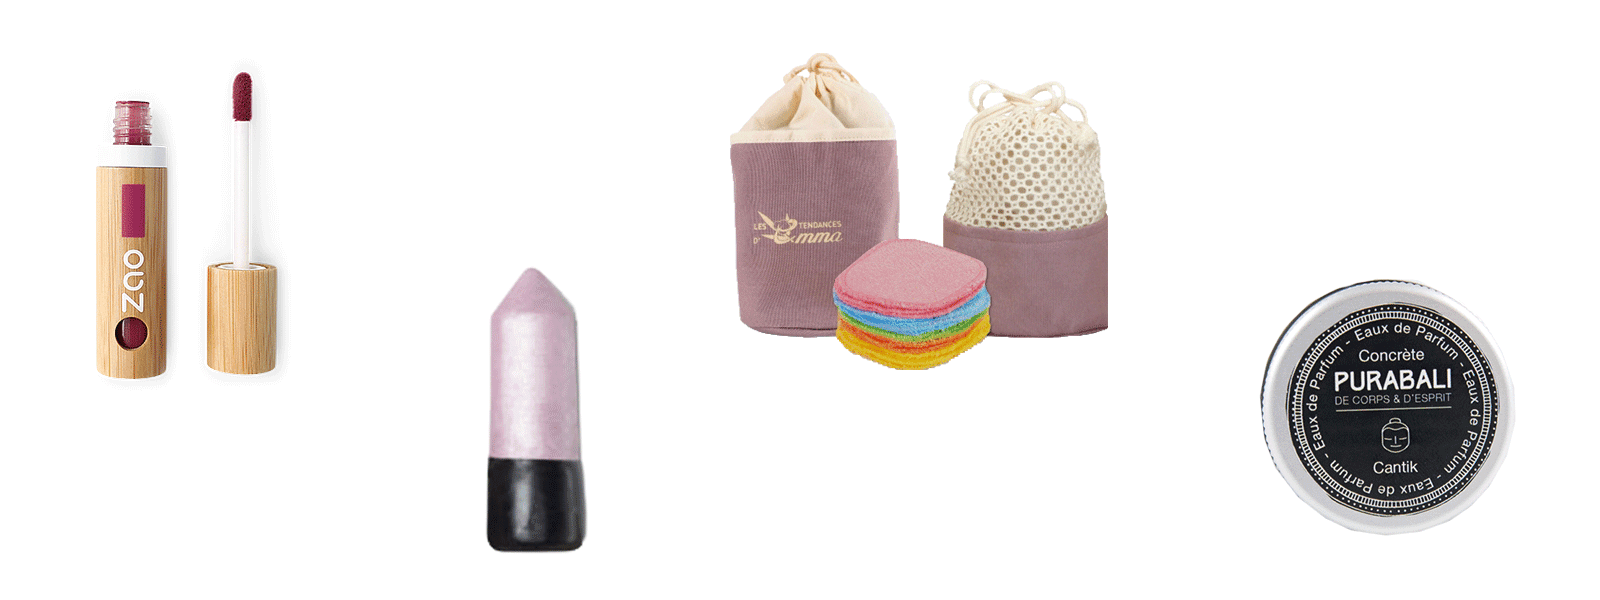 idées cadeaux zéro déchets maquillage